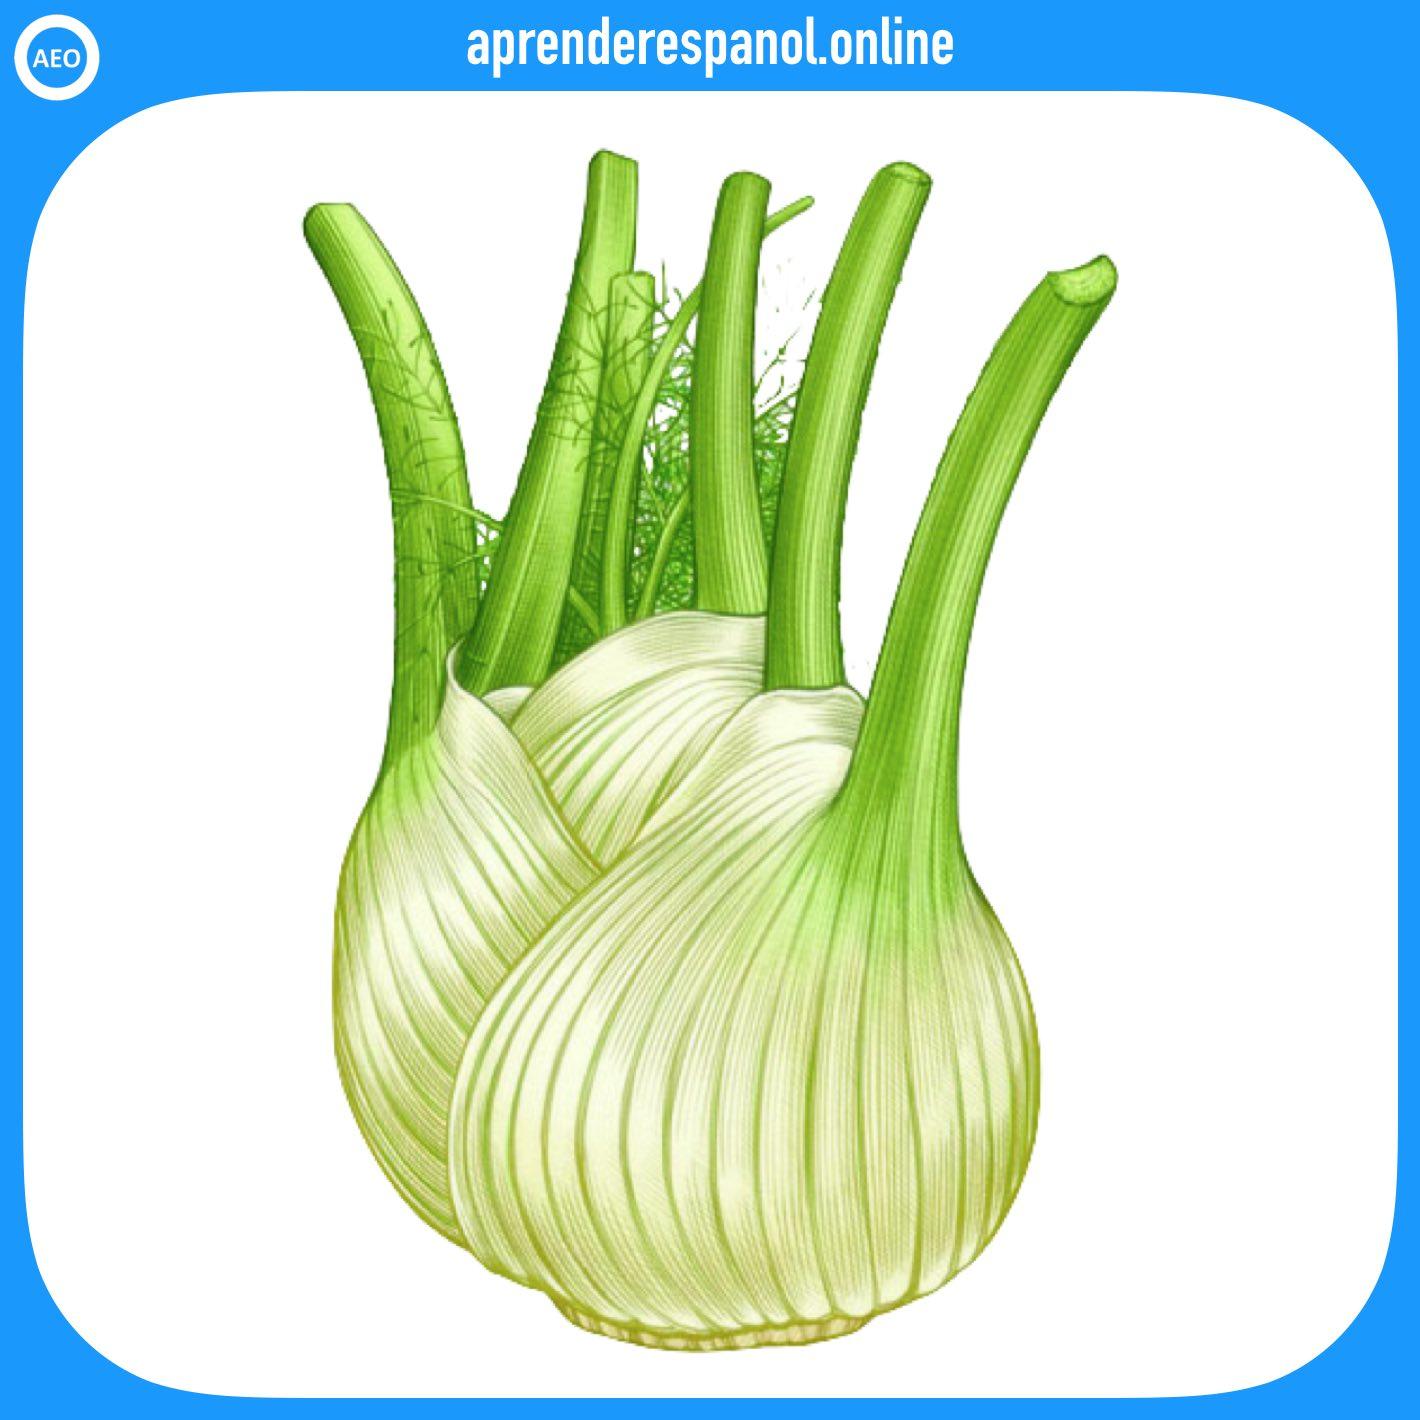 hinojo | verduras en español | vocabulario de las verduras en español